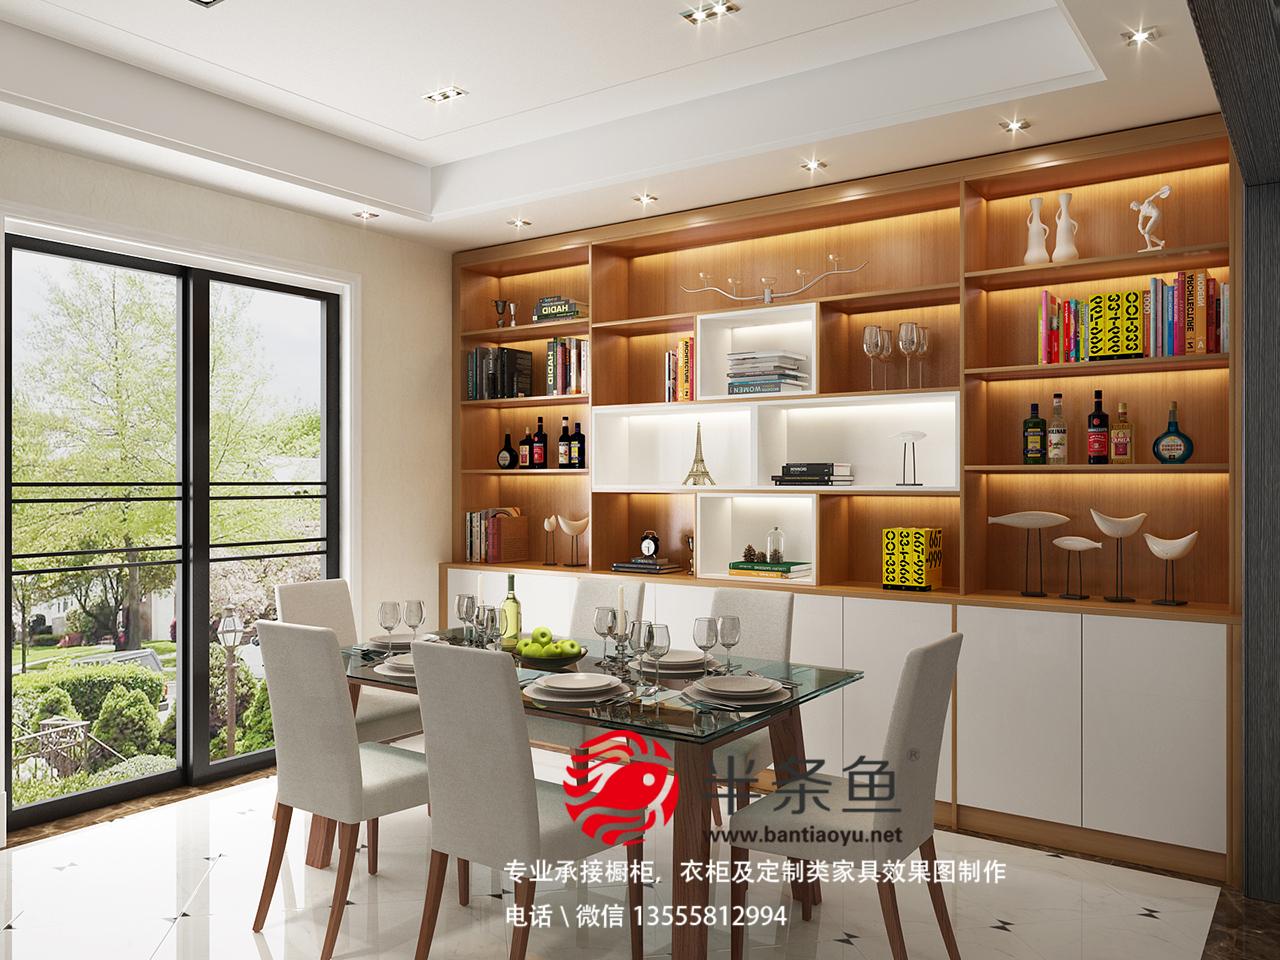 简约 欧式 客厅 卧室 厨房 餐厅图片来自半条鱼的小鱼儿在半条鱼设计公司的分享